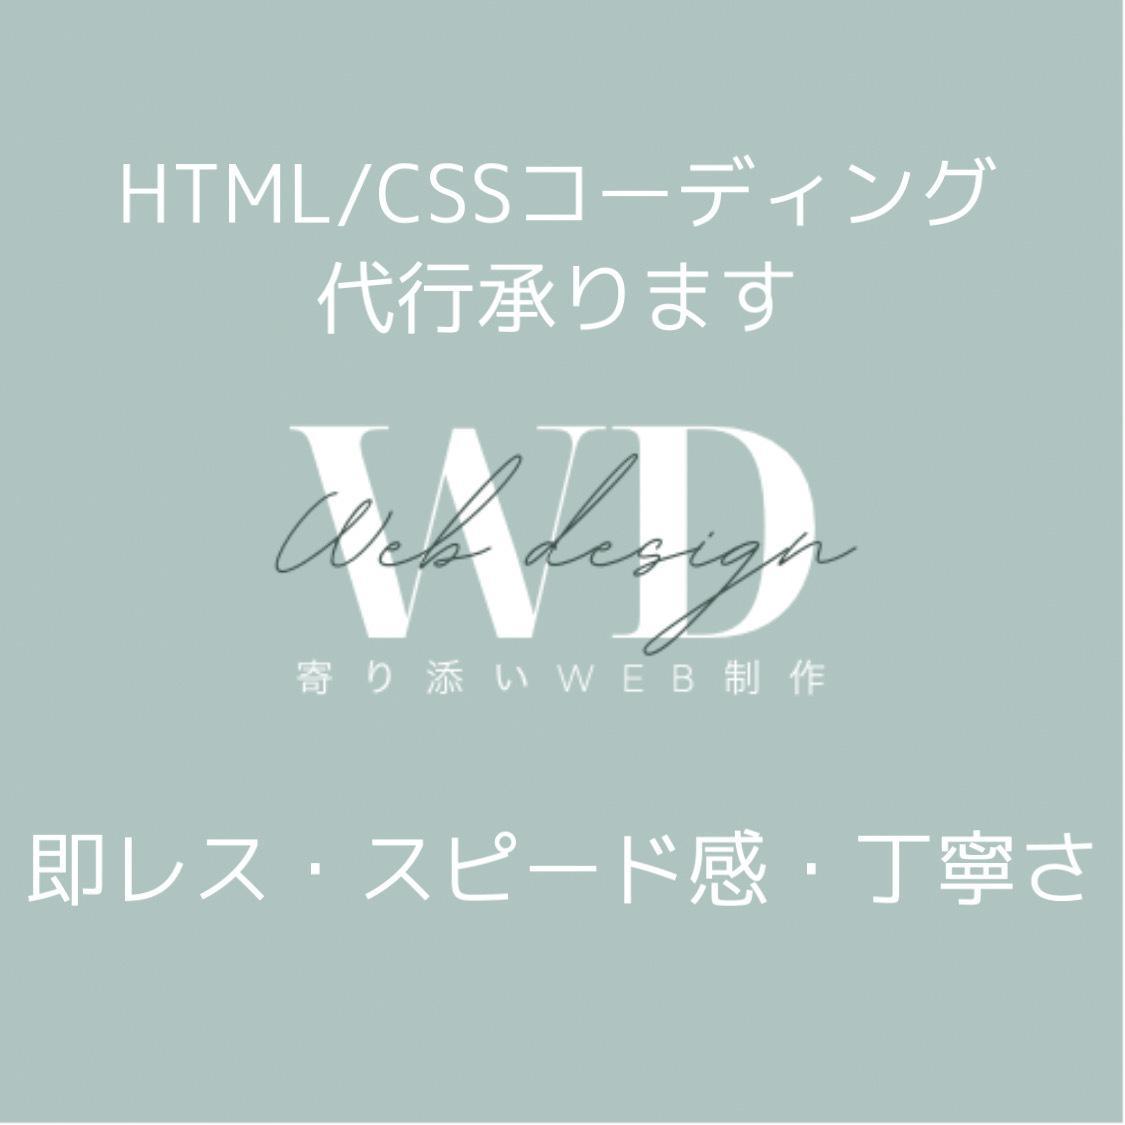 HTML/CSSコーディング代行します 即レス・スピード感・丁寧さを持って対応させて頂きます。 イメージ1